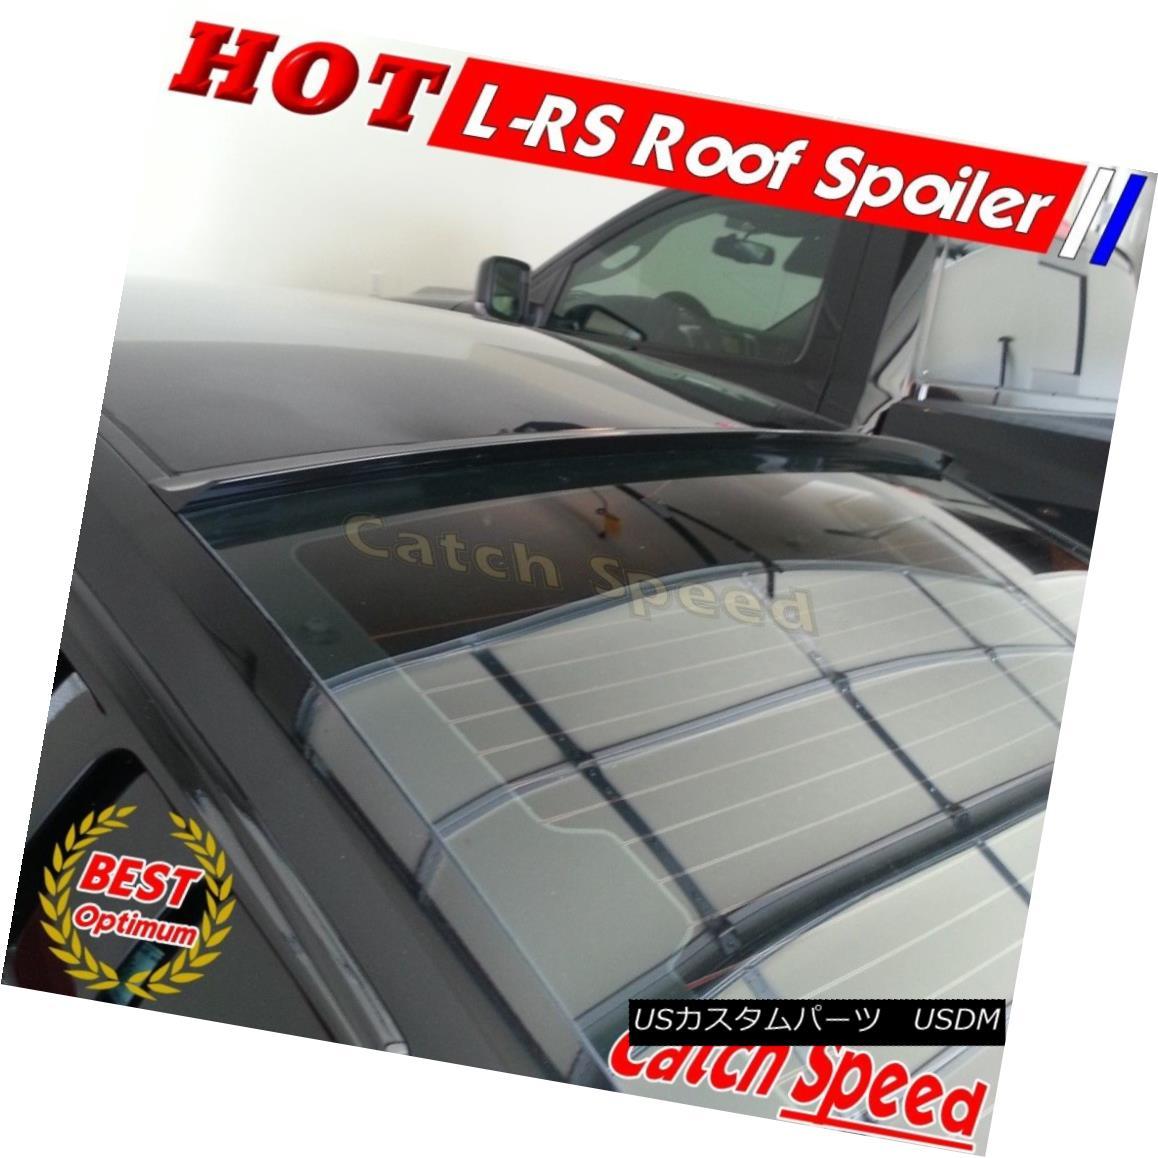 エアロパーツ Painted LRS Rear Roof Spoiler Wing For Ford Taurus SEDAN 2008-2009 ? フォードトーラスSEDAN 2008-2009のために塗られたLRSリアルーフスポイラーウィング?